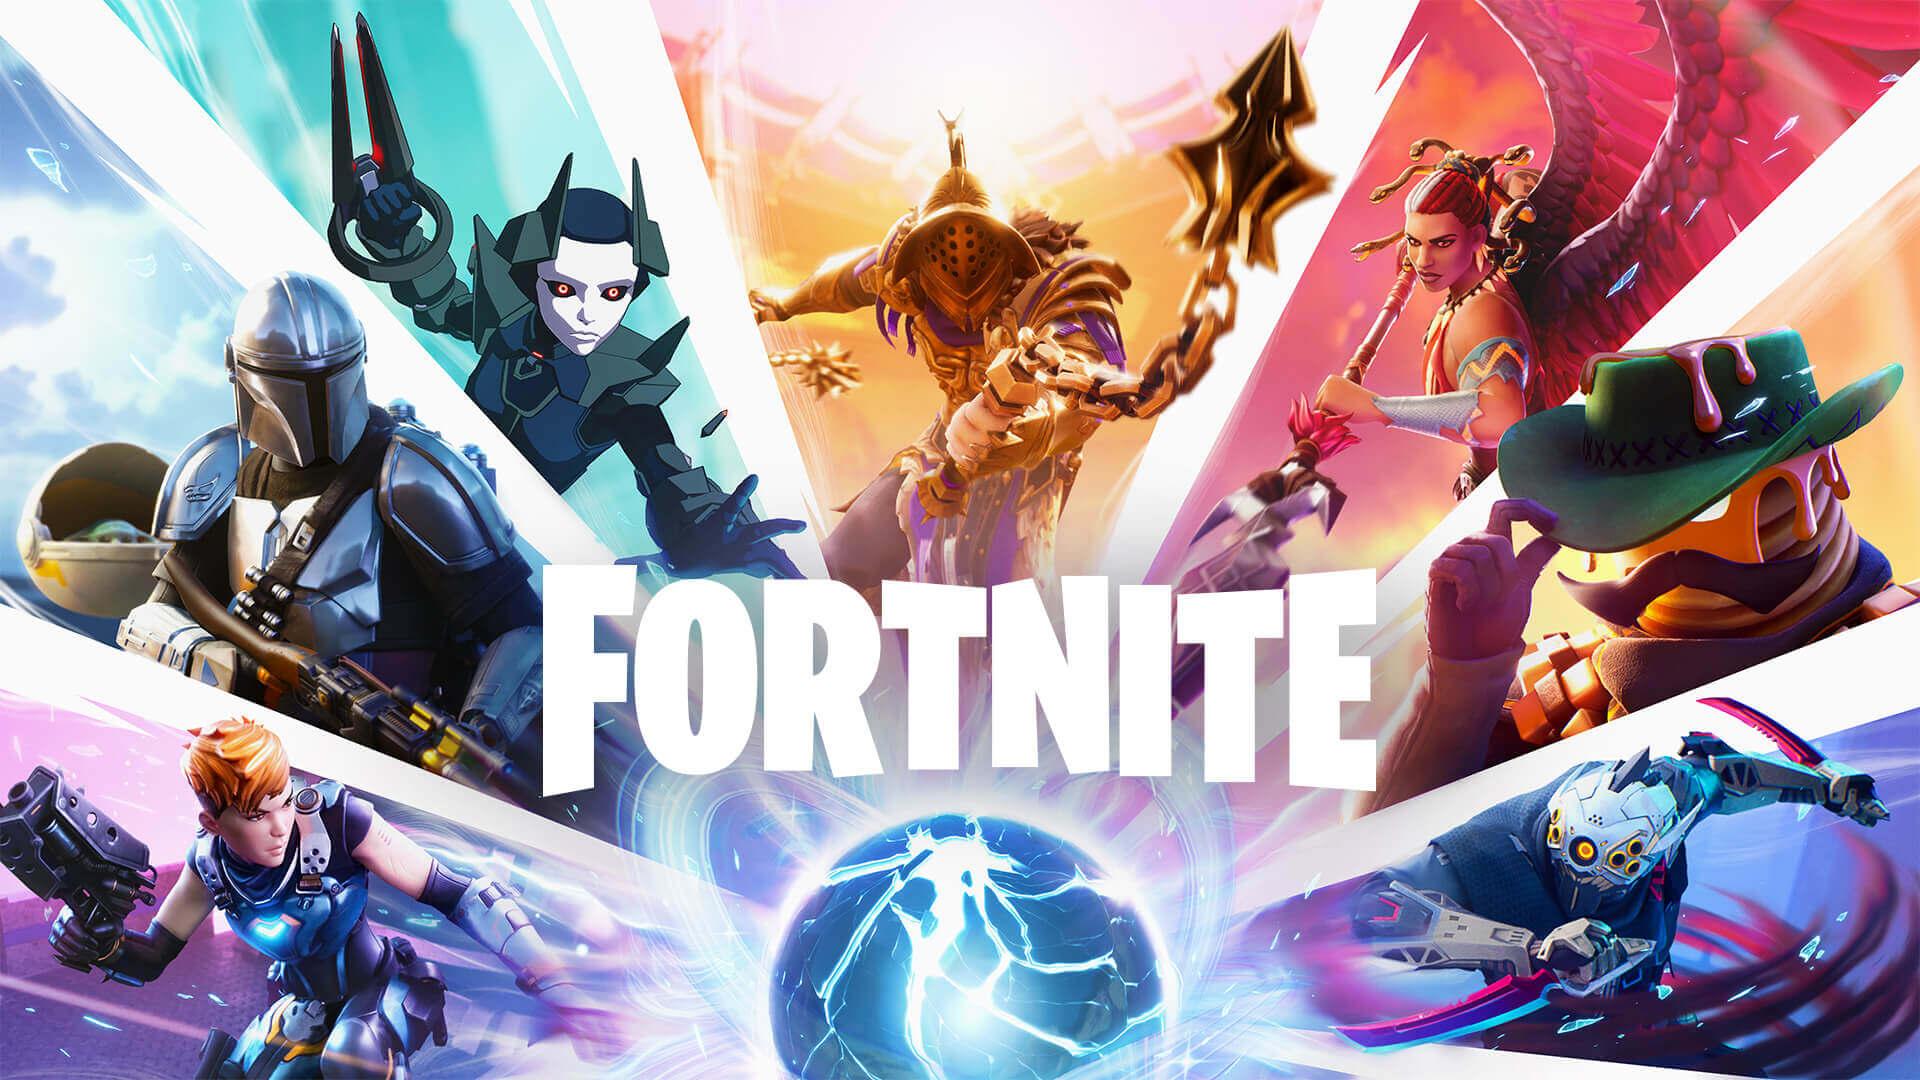 Requisitos Para Fortnite En Pc Fortnite Temporada 7 La Version 17 00 Para Pc Incluira Nuevas Configuraciones De Graficos Pero Con Requisitos Superiores Cultura Geek